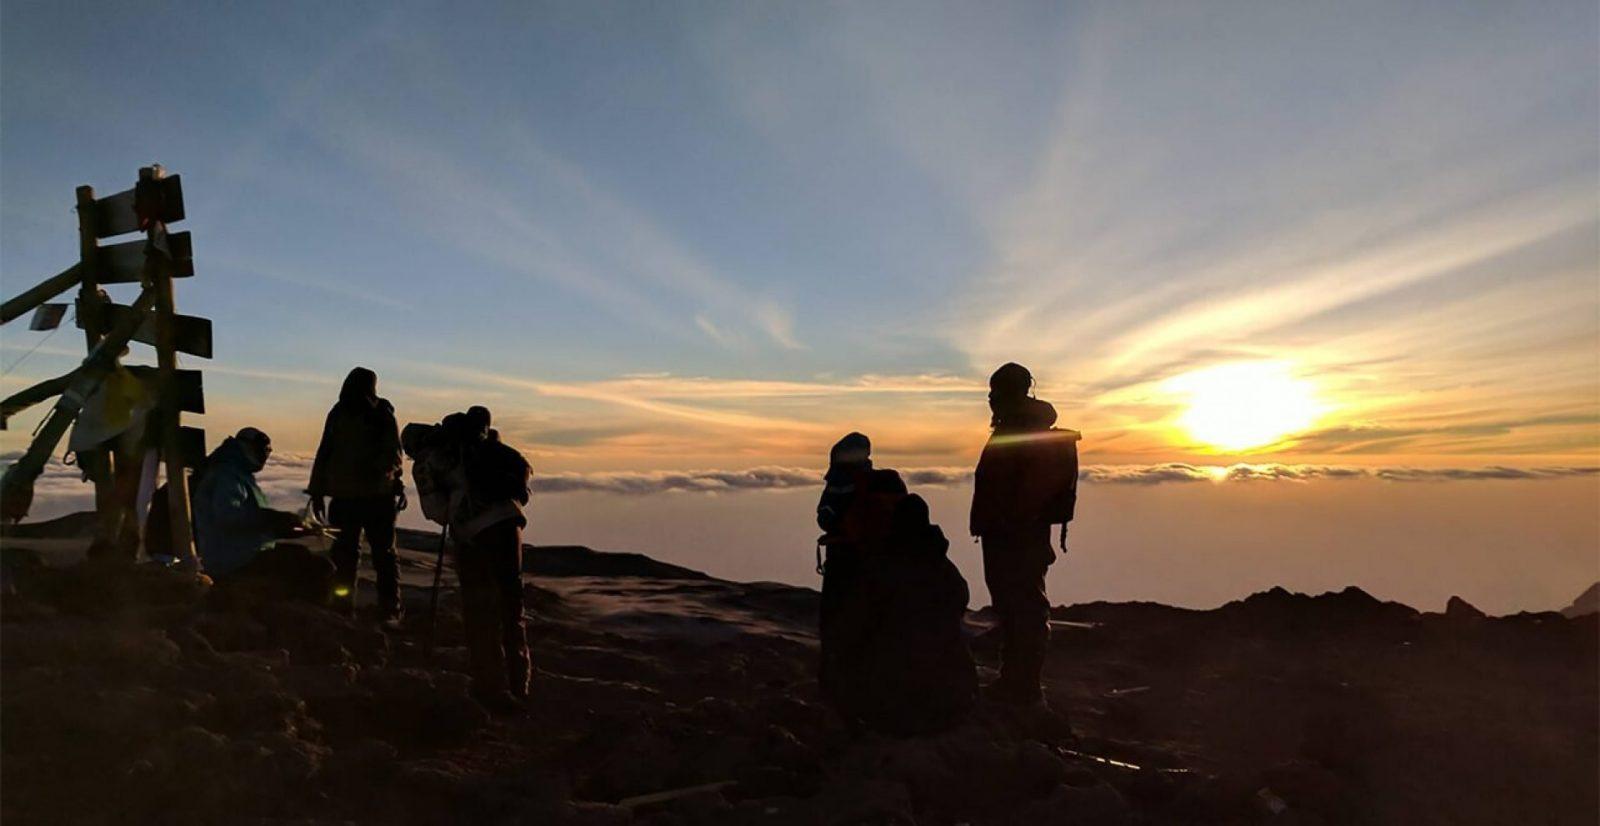 Kilimanajro Climbing Company